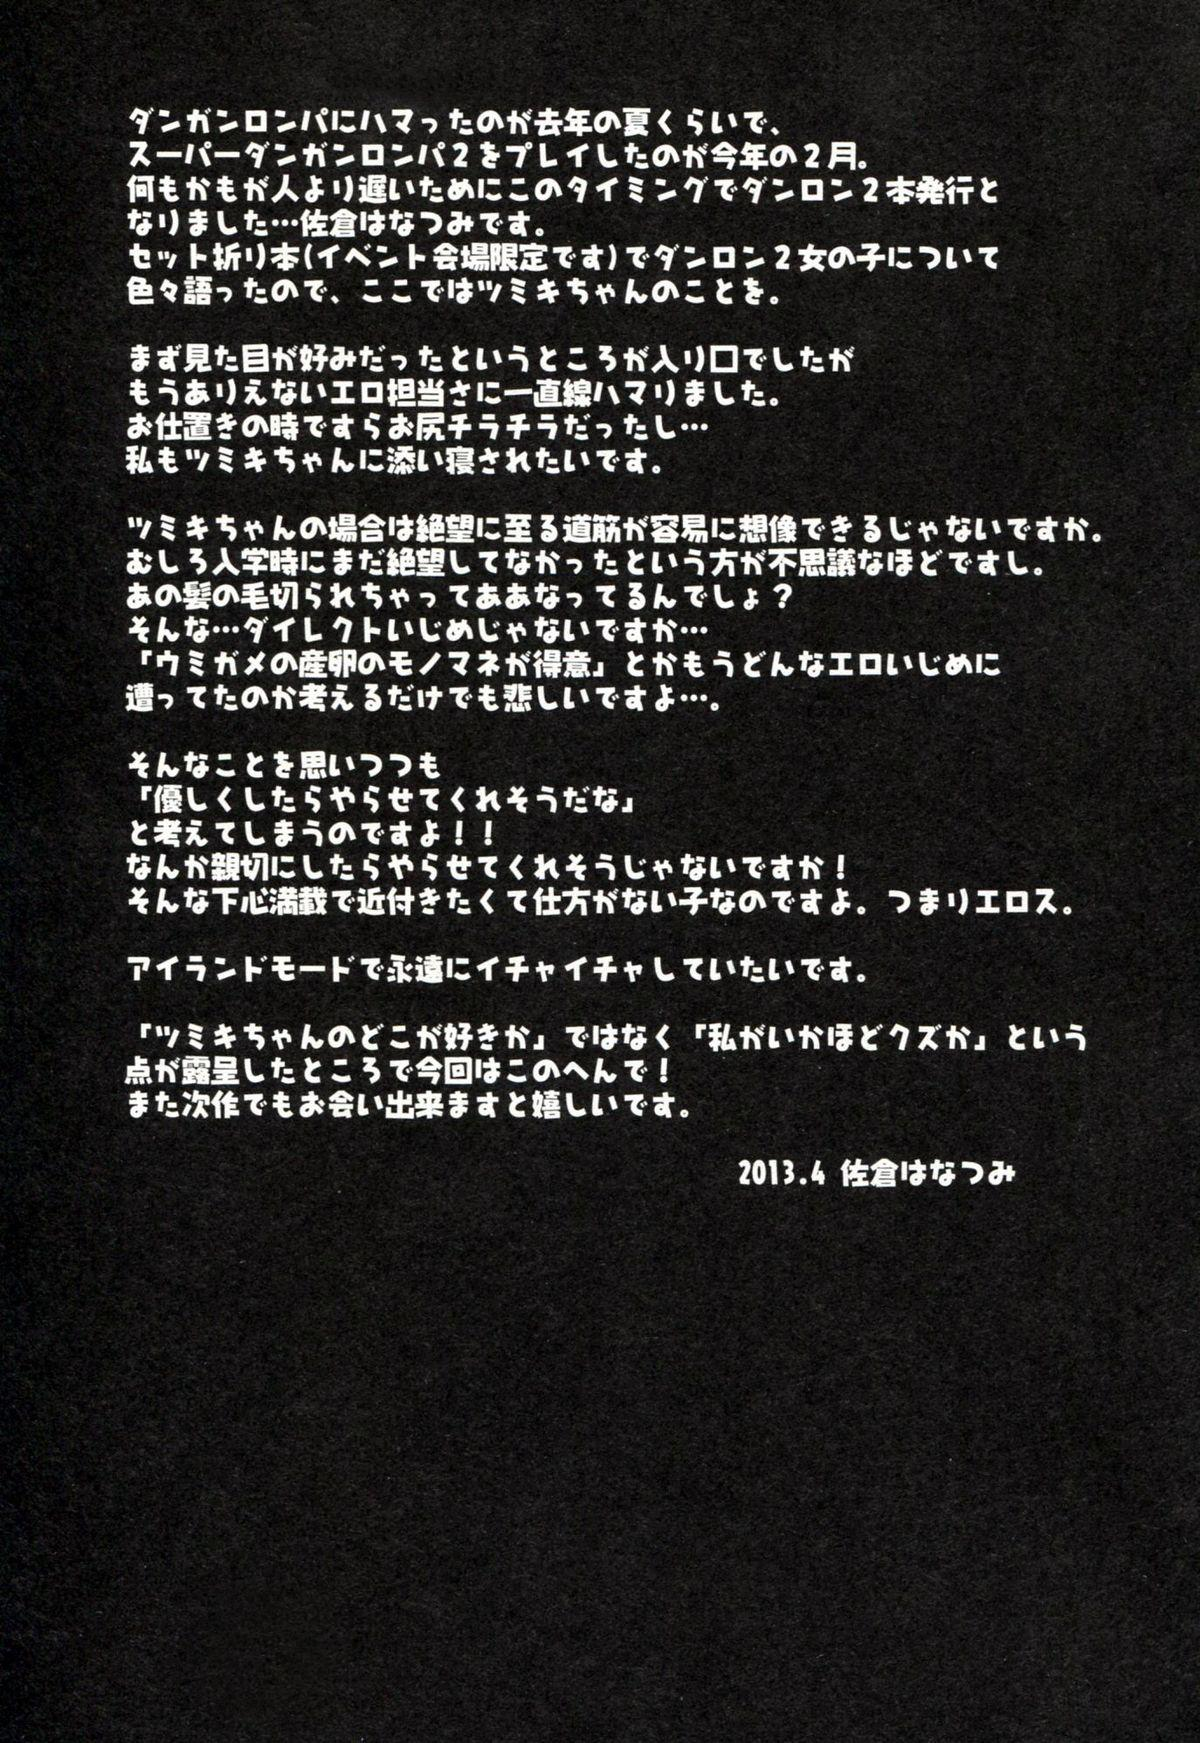 Tsumiki Theatre 23